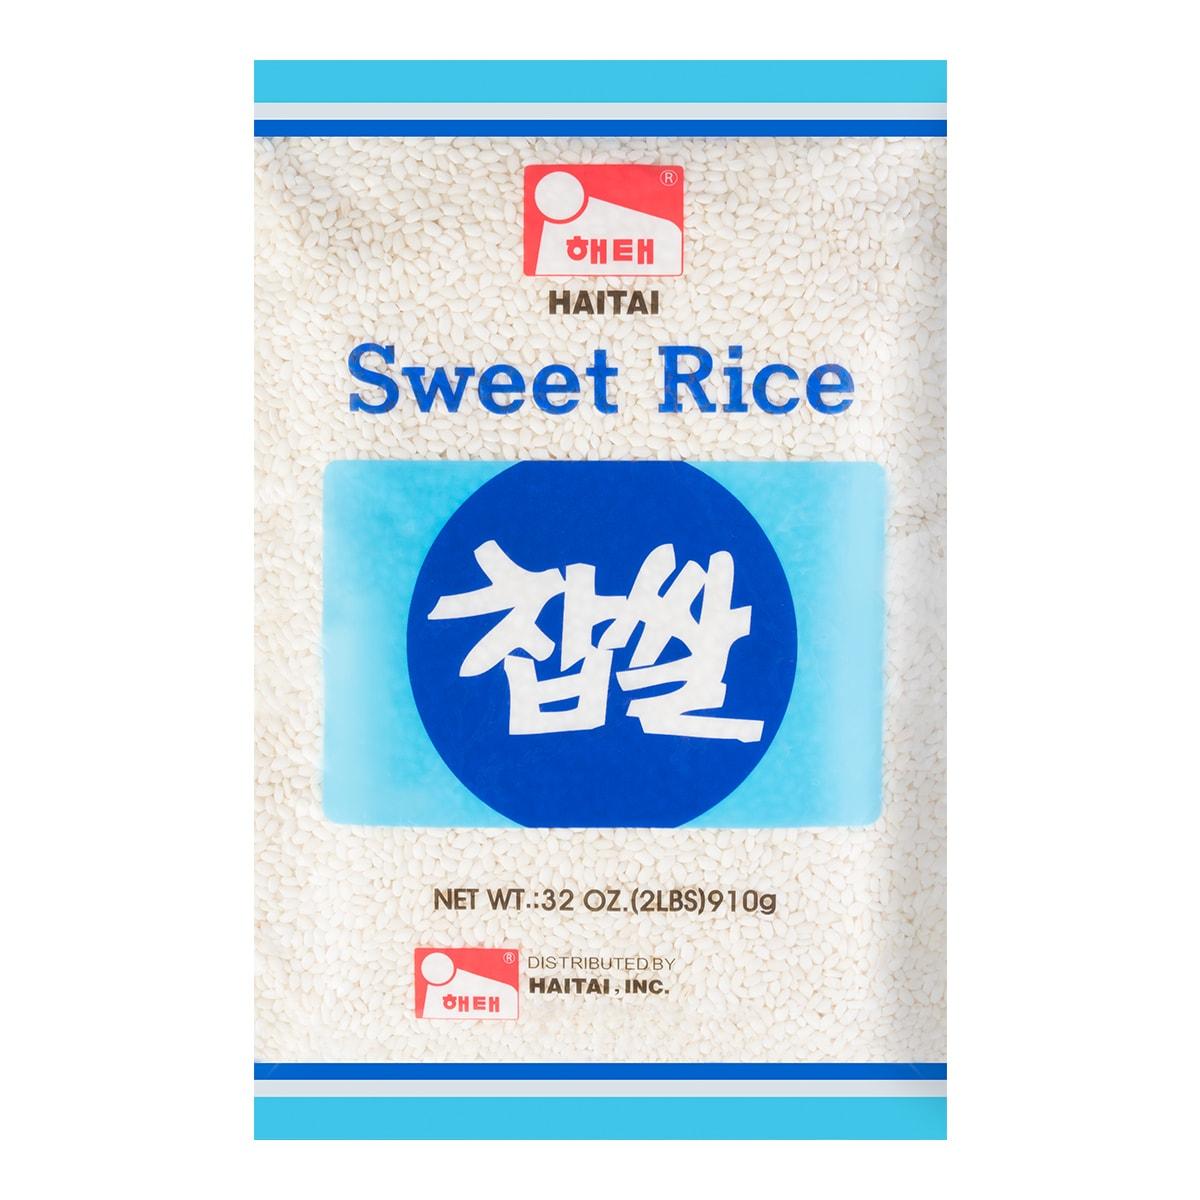 HAITAI Sweet Rice 910g